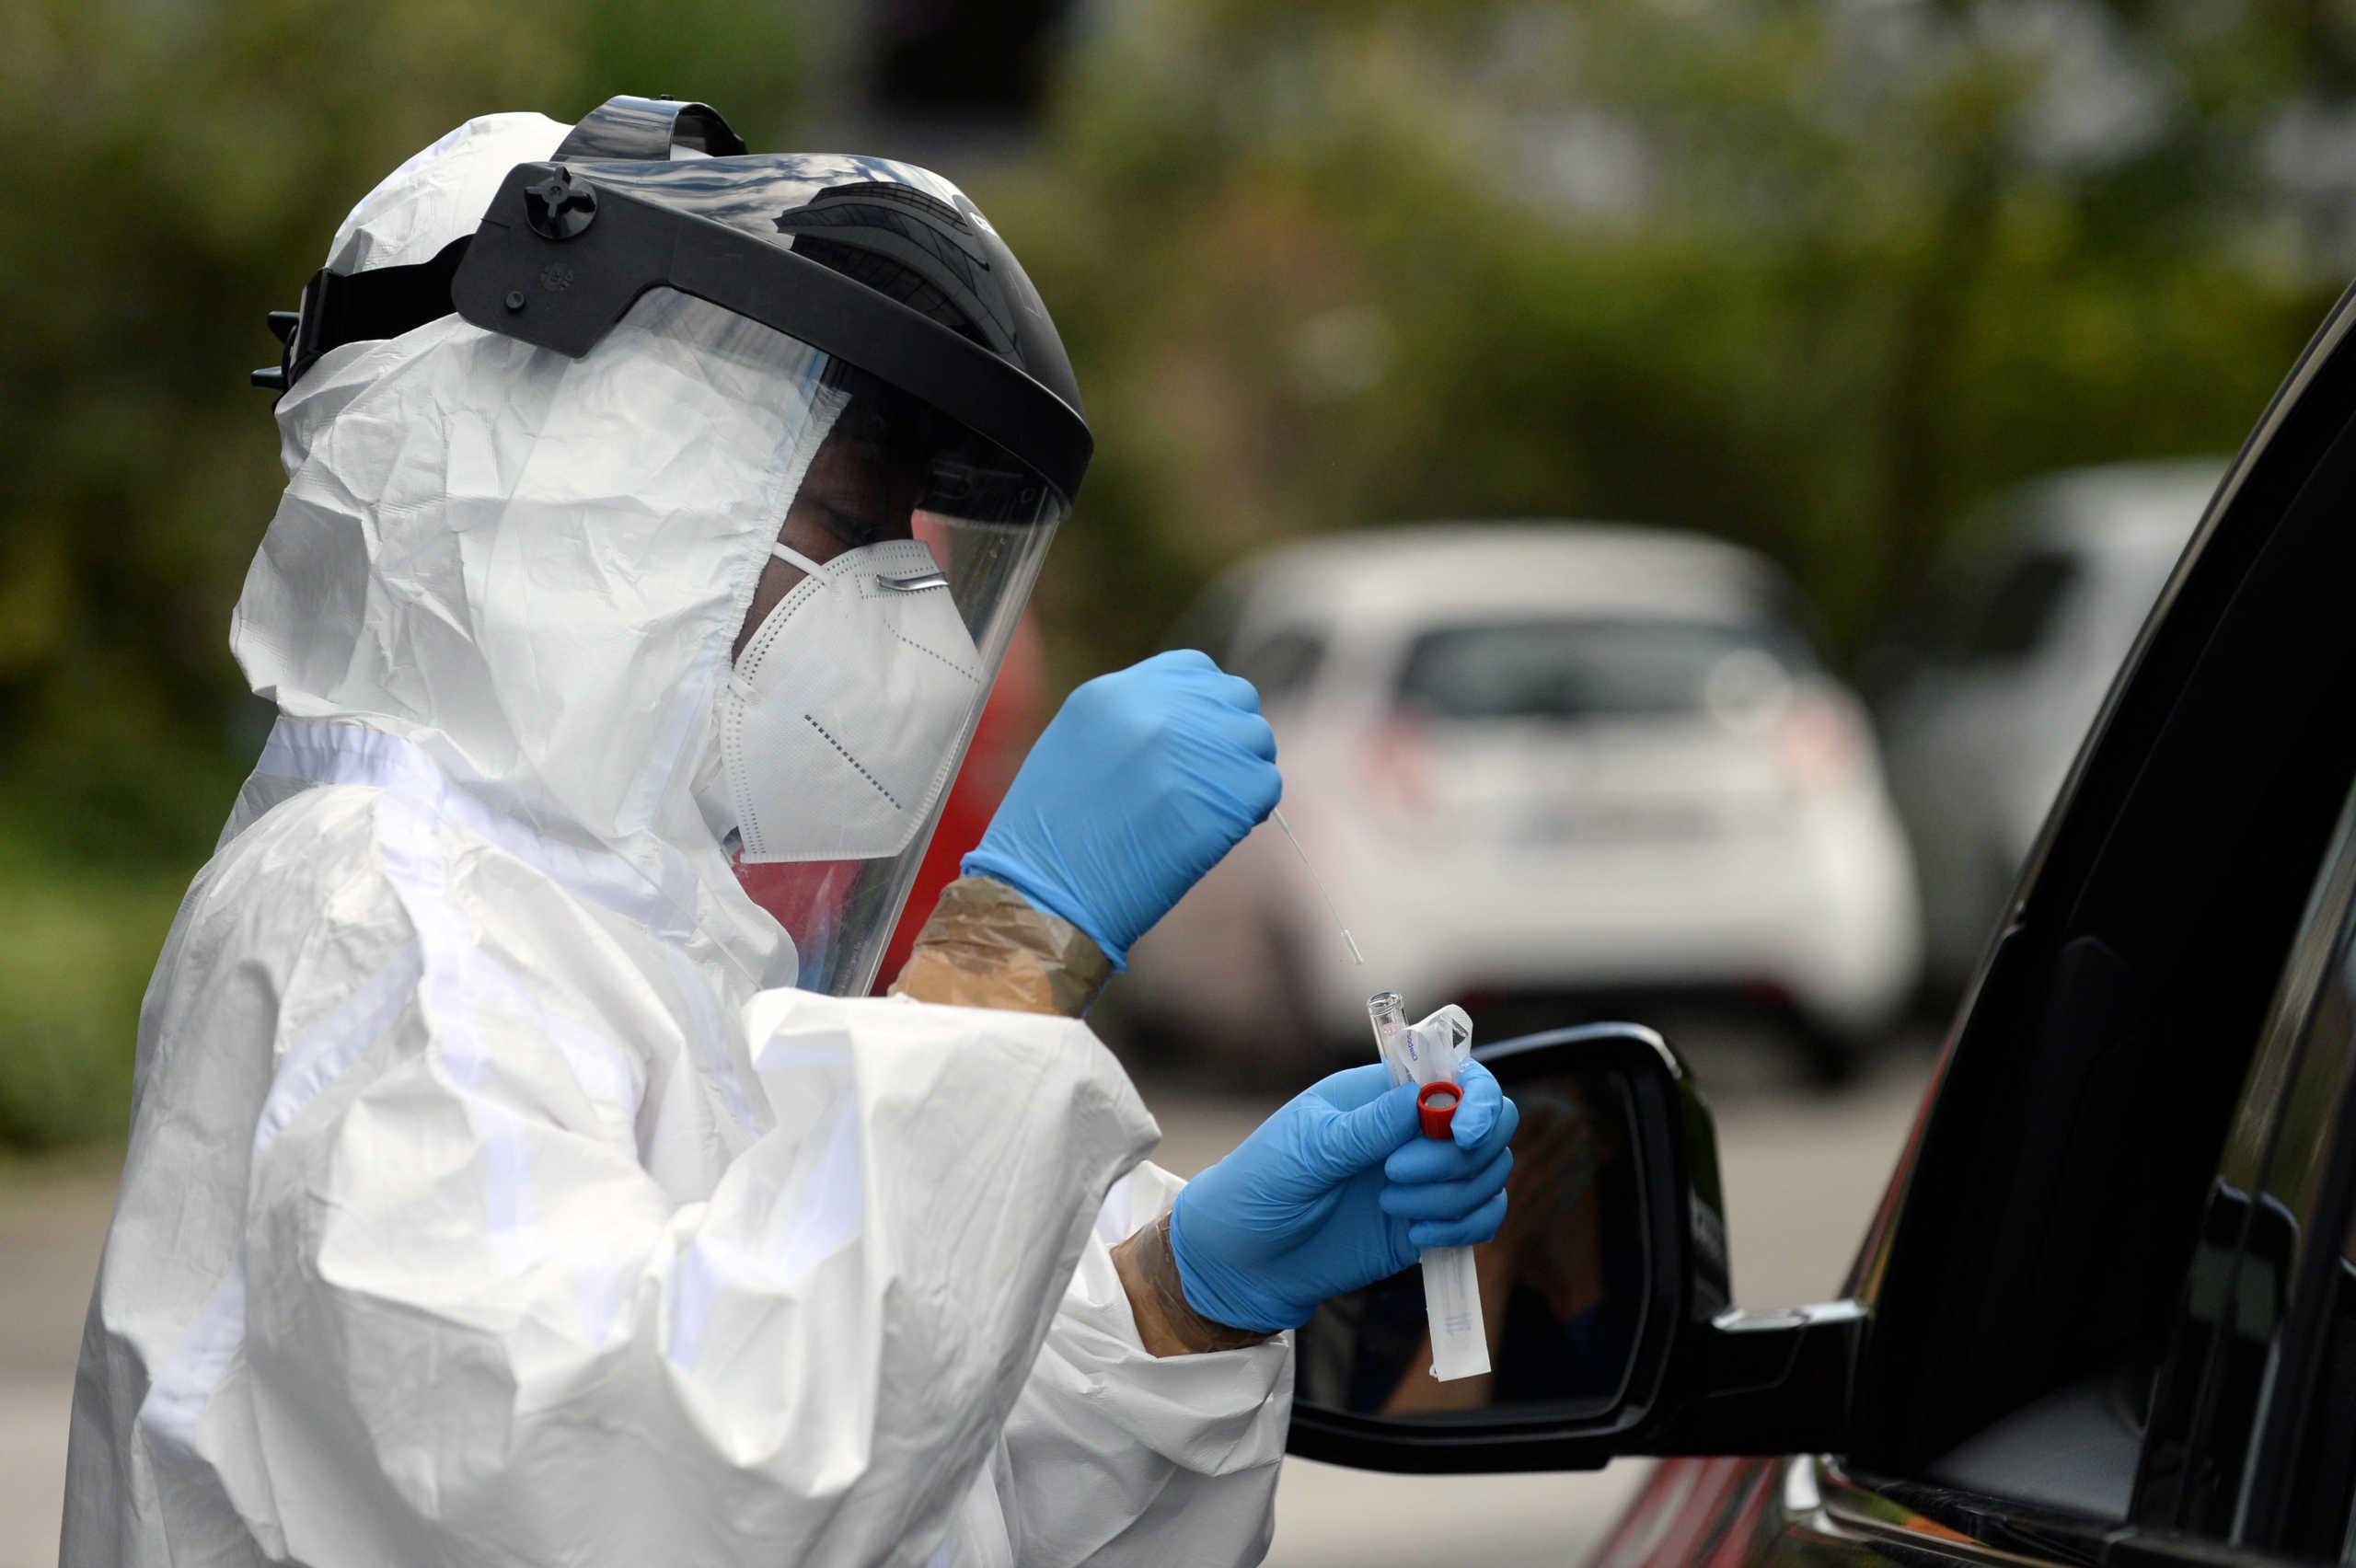 Μελέτη ΑΠΘ για κορoνοϊό: 11.500 κρούσματα και 260 θάνατοι μέχρι τέλος Σεπτεμβρίου στην Ελλάδα